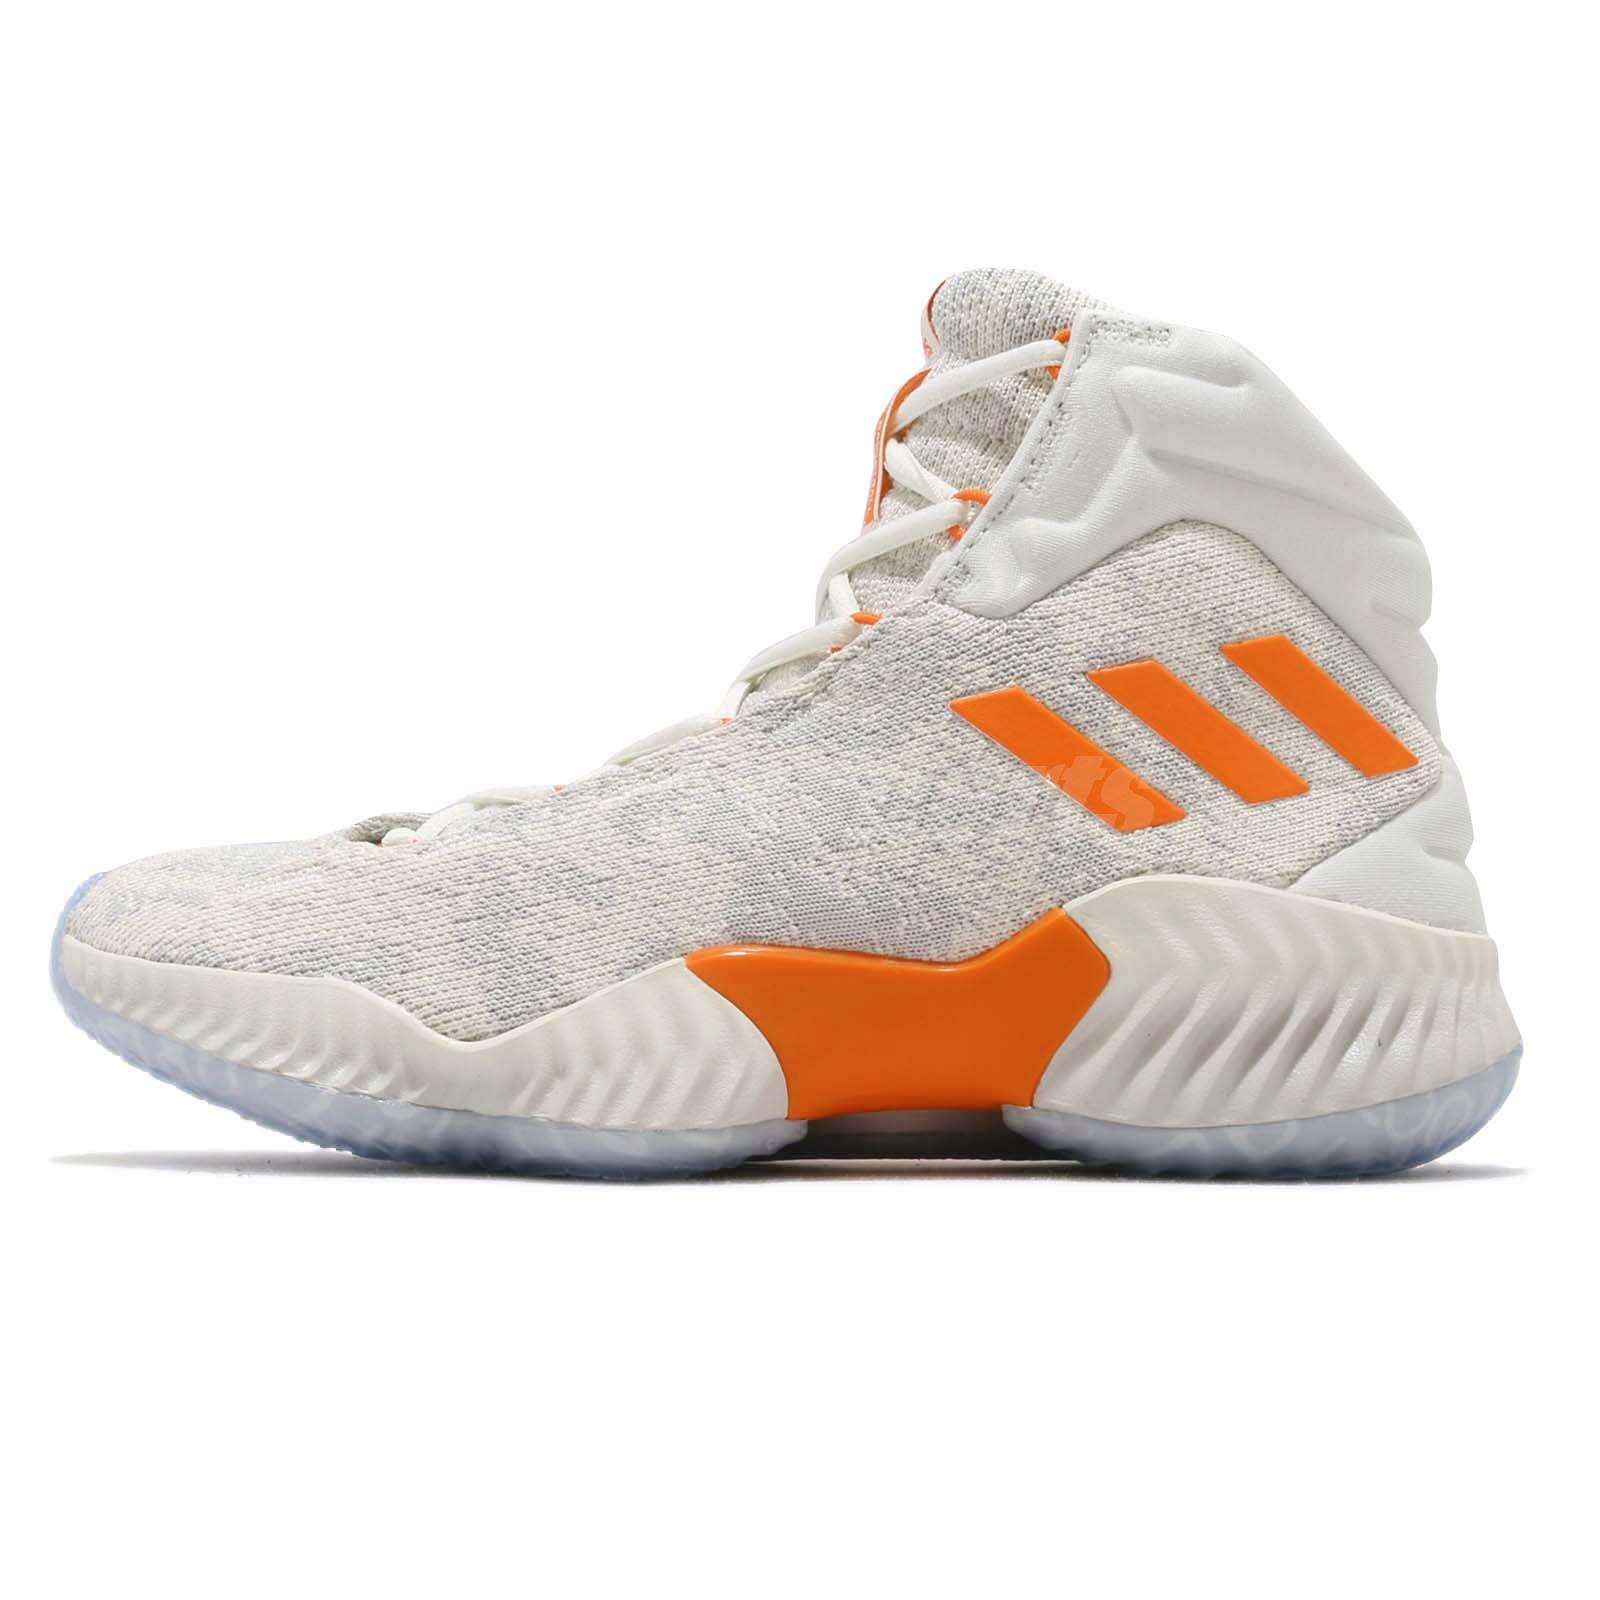 e7ccf91e2abe adidas PB Candace Parker Pro Bounce 18 Off White Orange Women Basketball  F97243